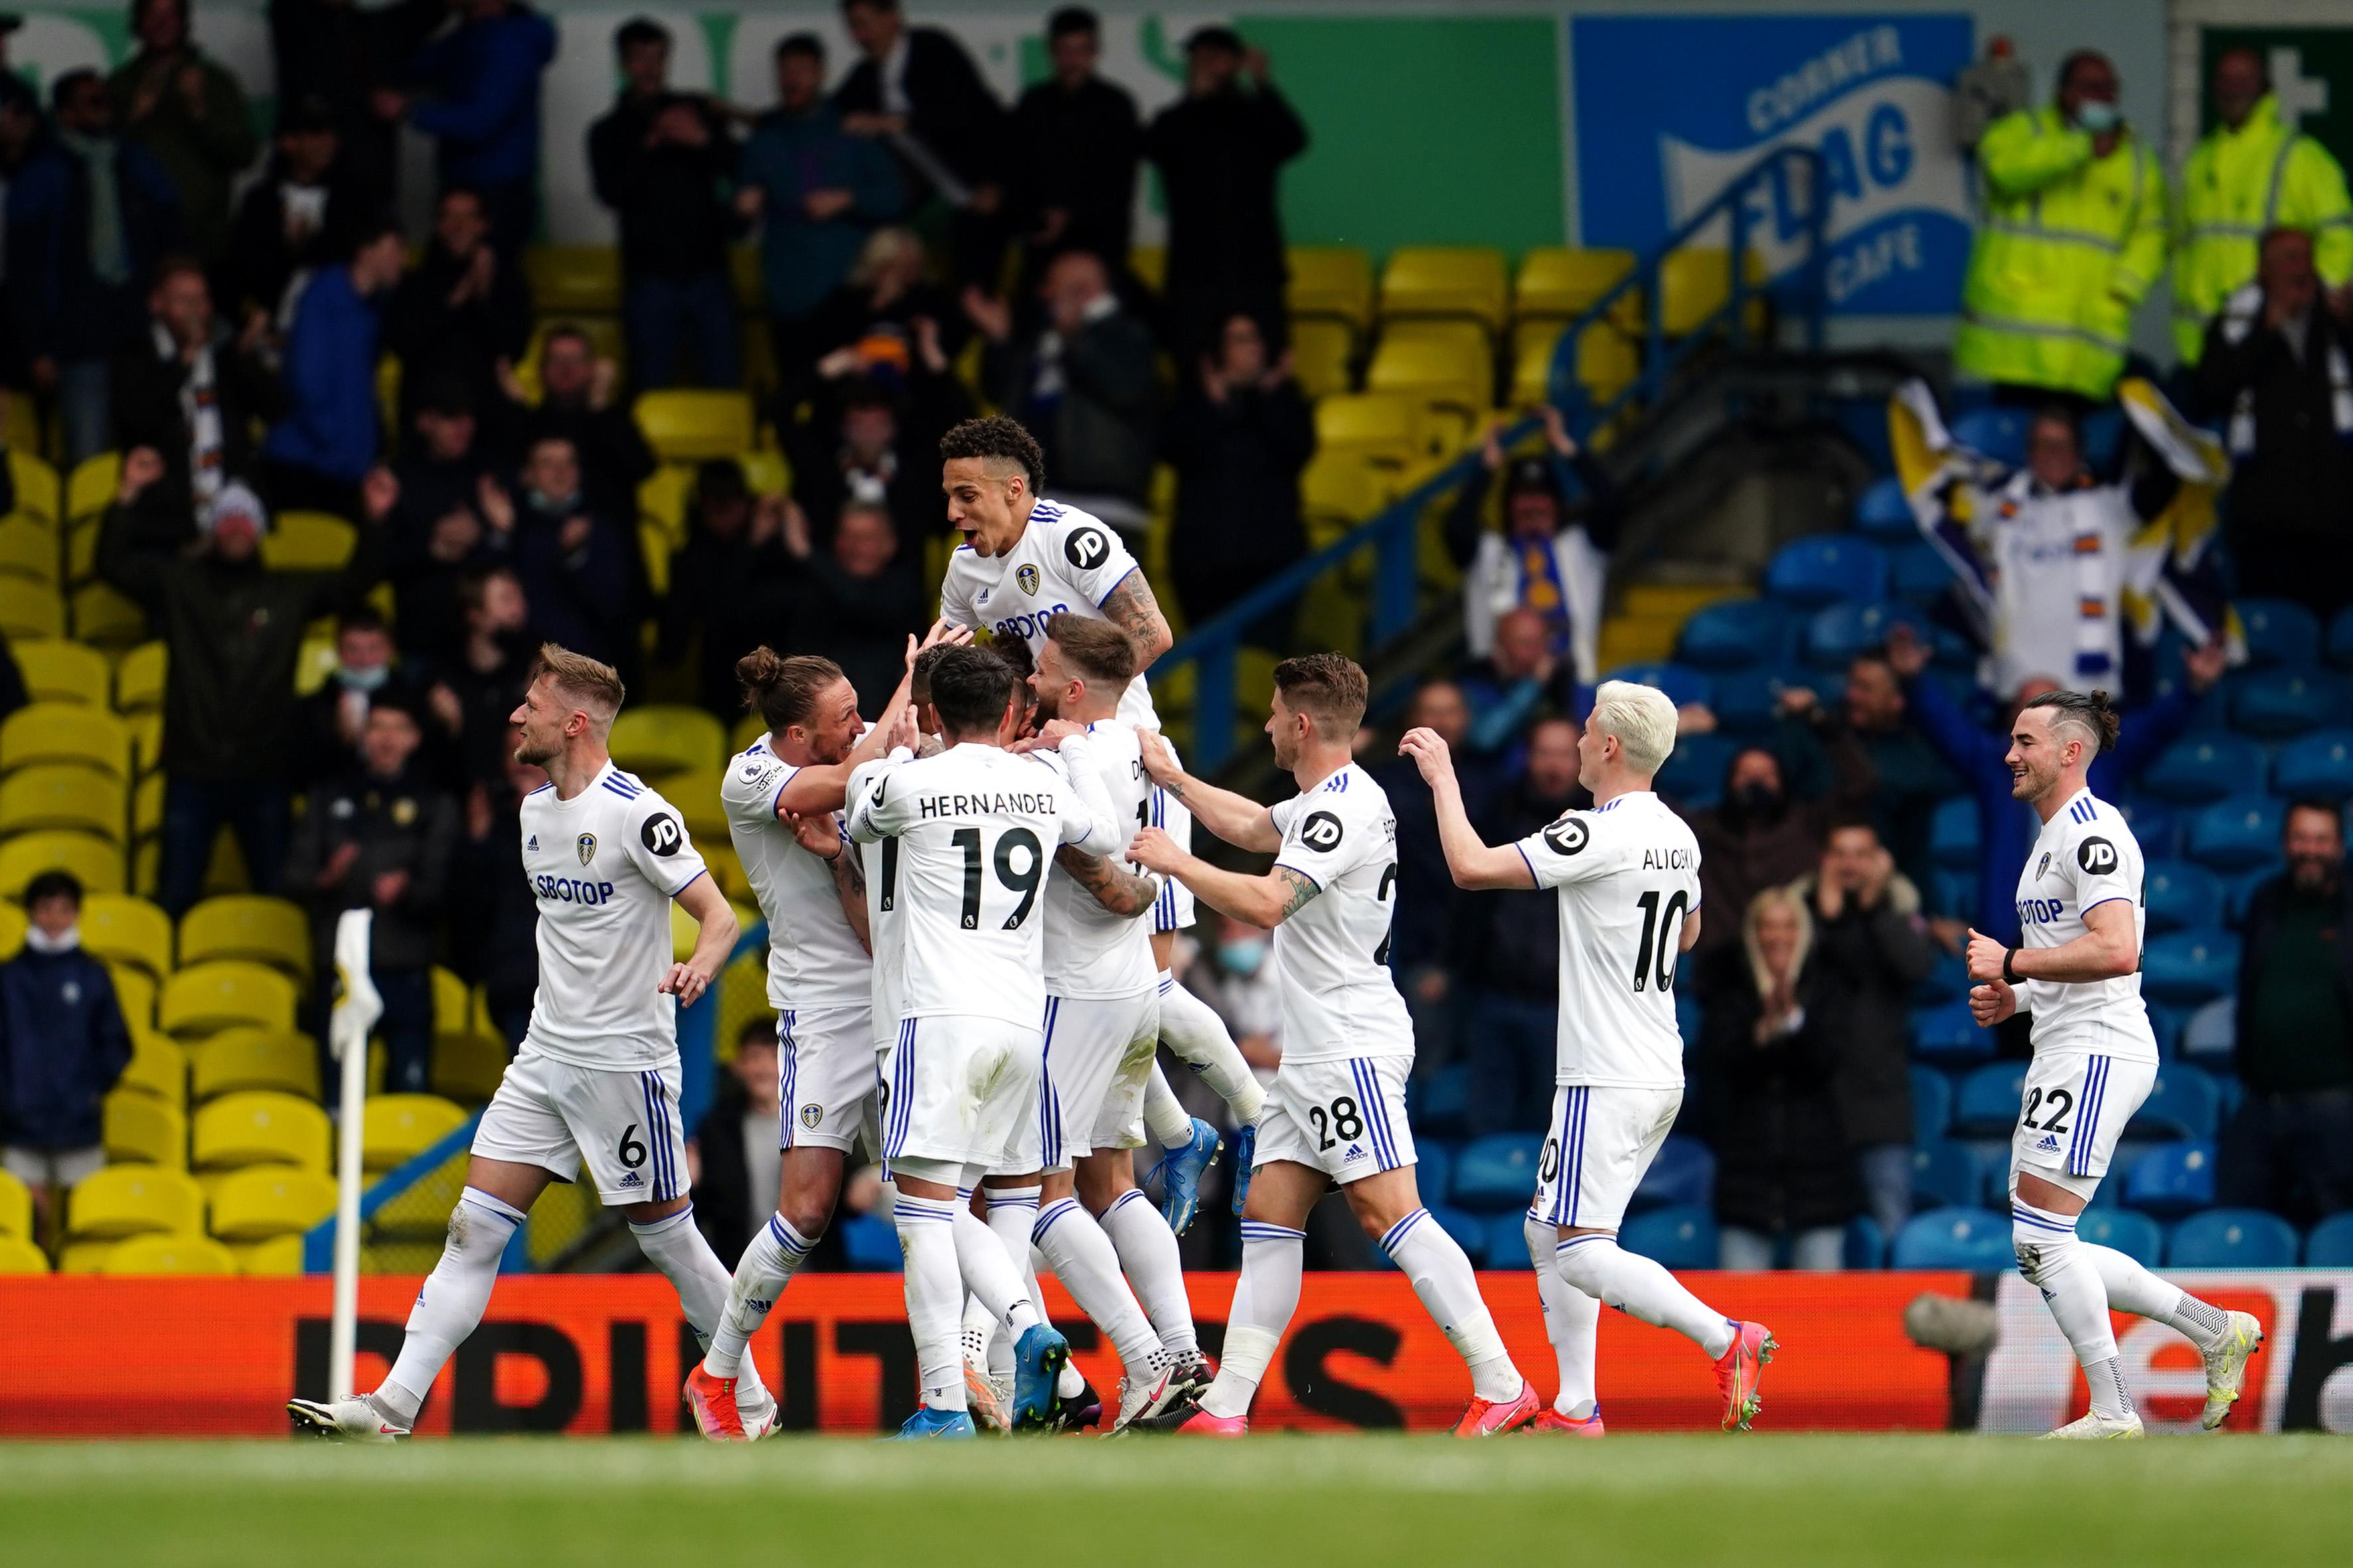 Leeds United v West Bromwich Albion - Premier League